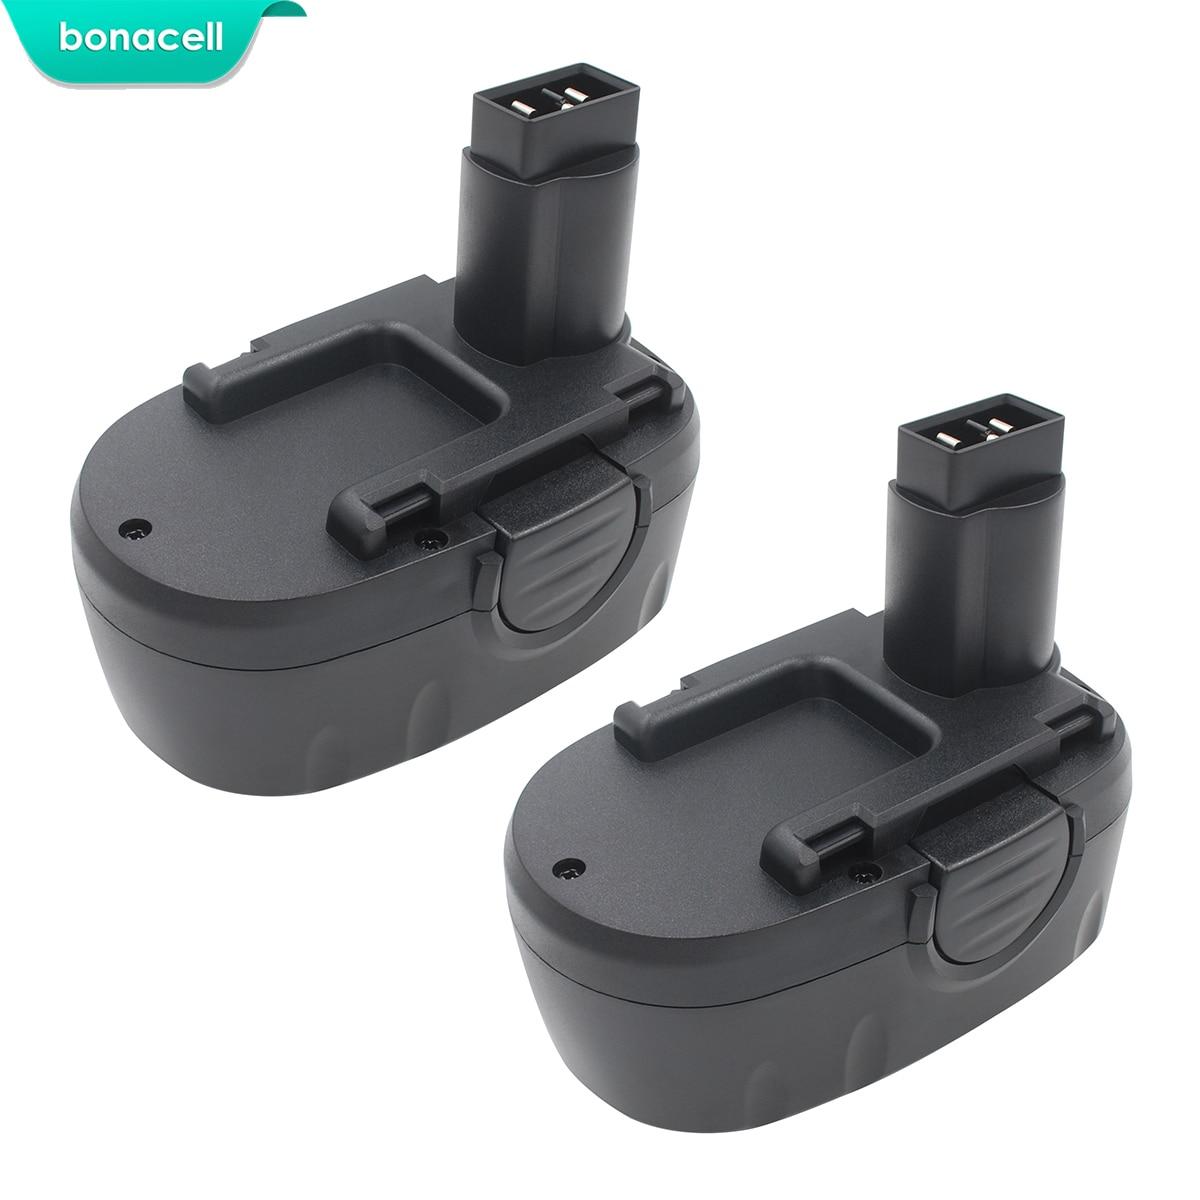 Bonacell 3500 mAh 18 V WA3127 Batterie Rechargeable pour WORX WA3127 WG150s WG152 WG250 WG541 WG900 WG901 L10